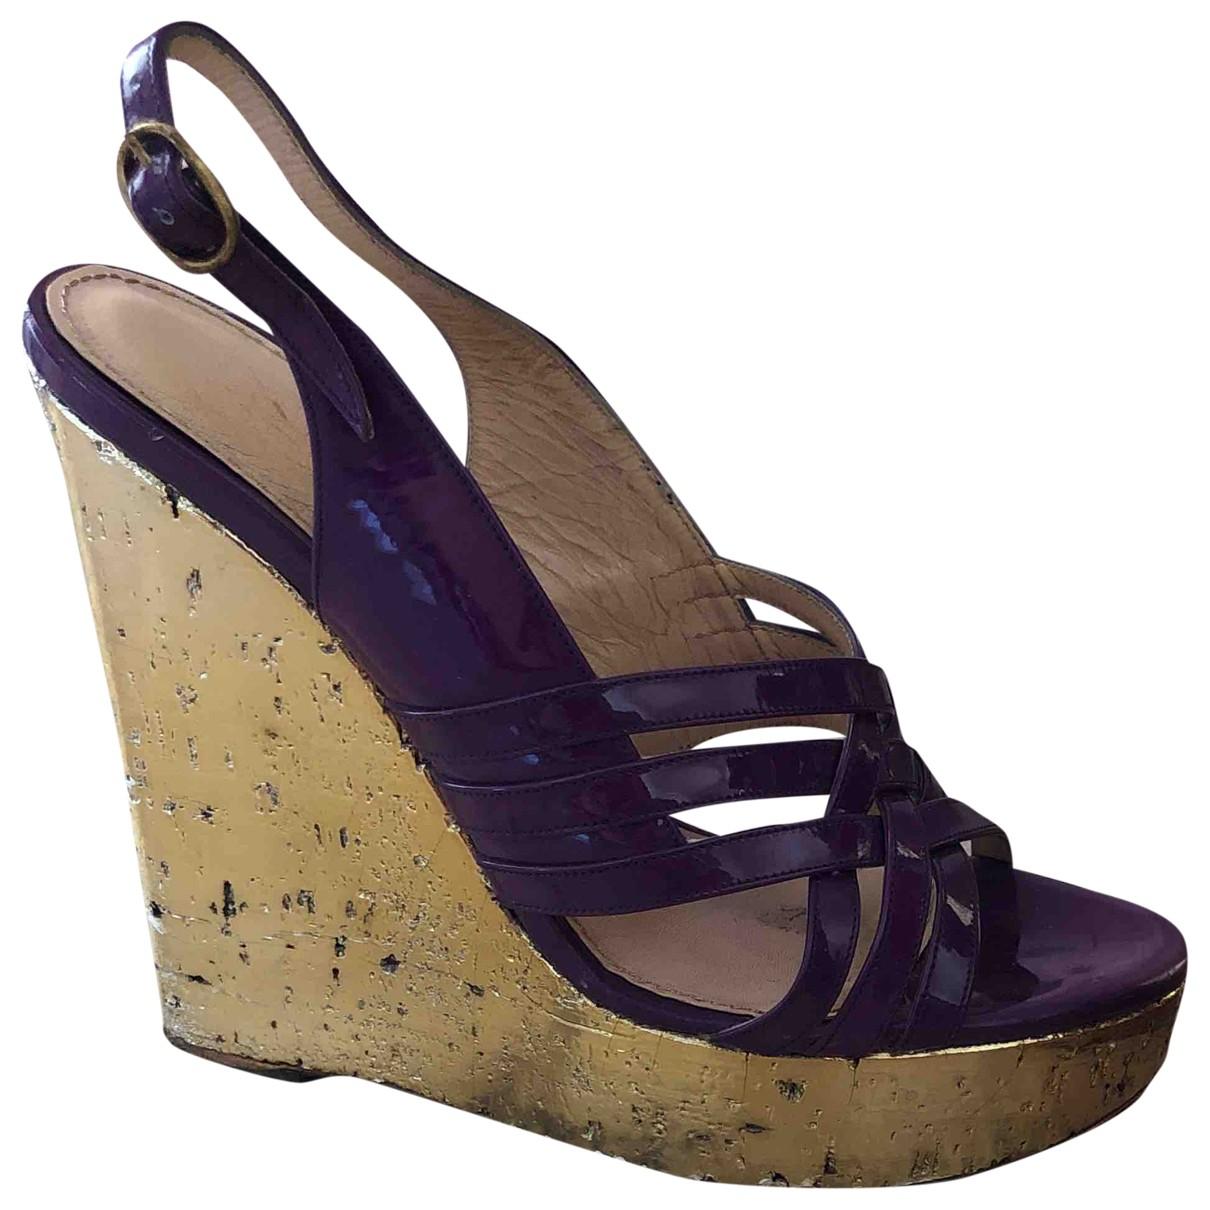 Yves Saint Laurent - Sandales   pour femme en cuir verni - violet